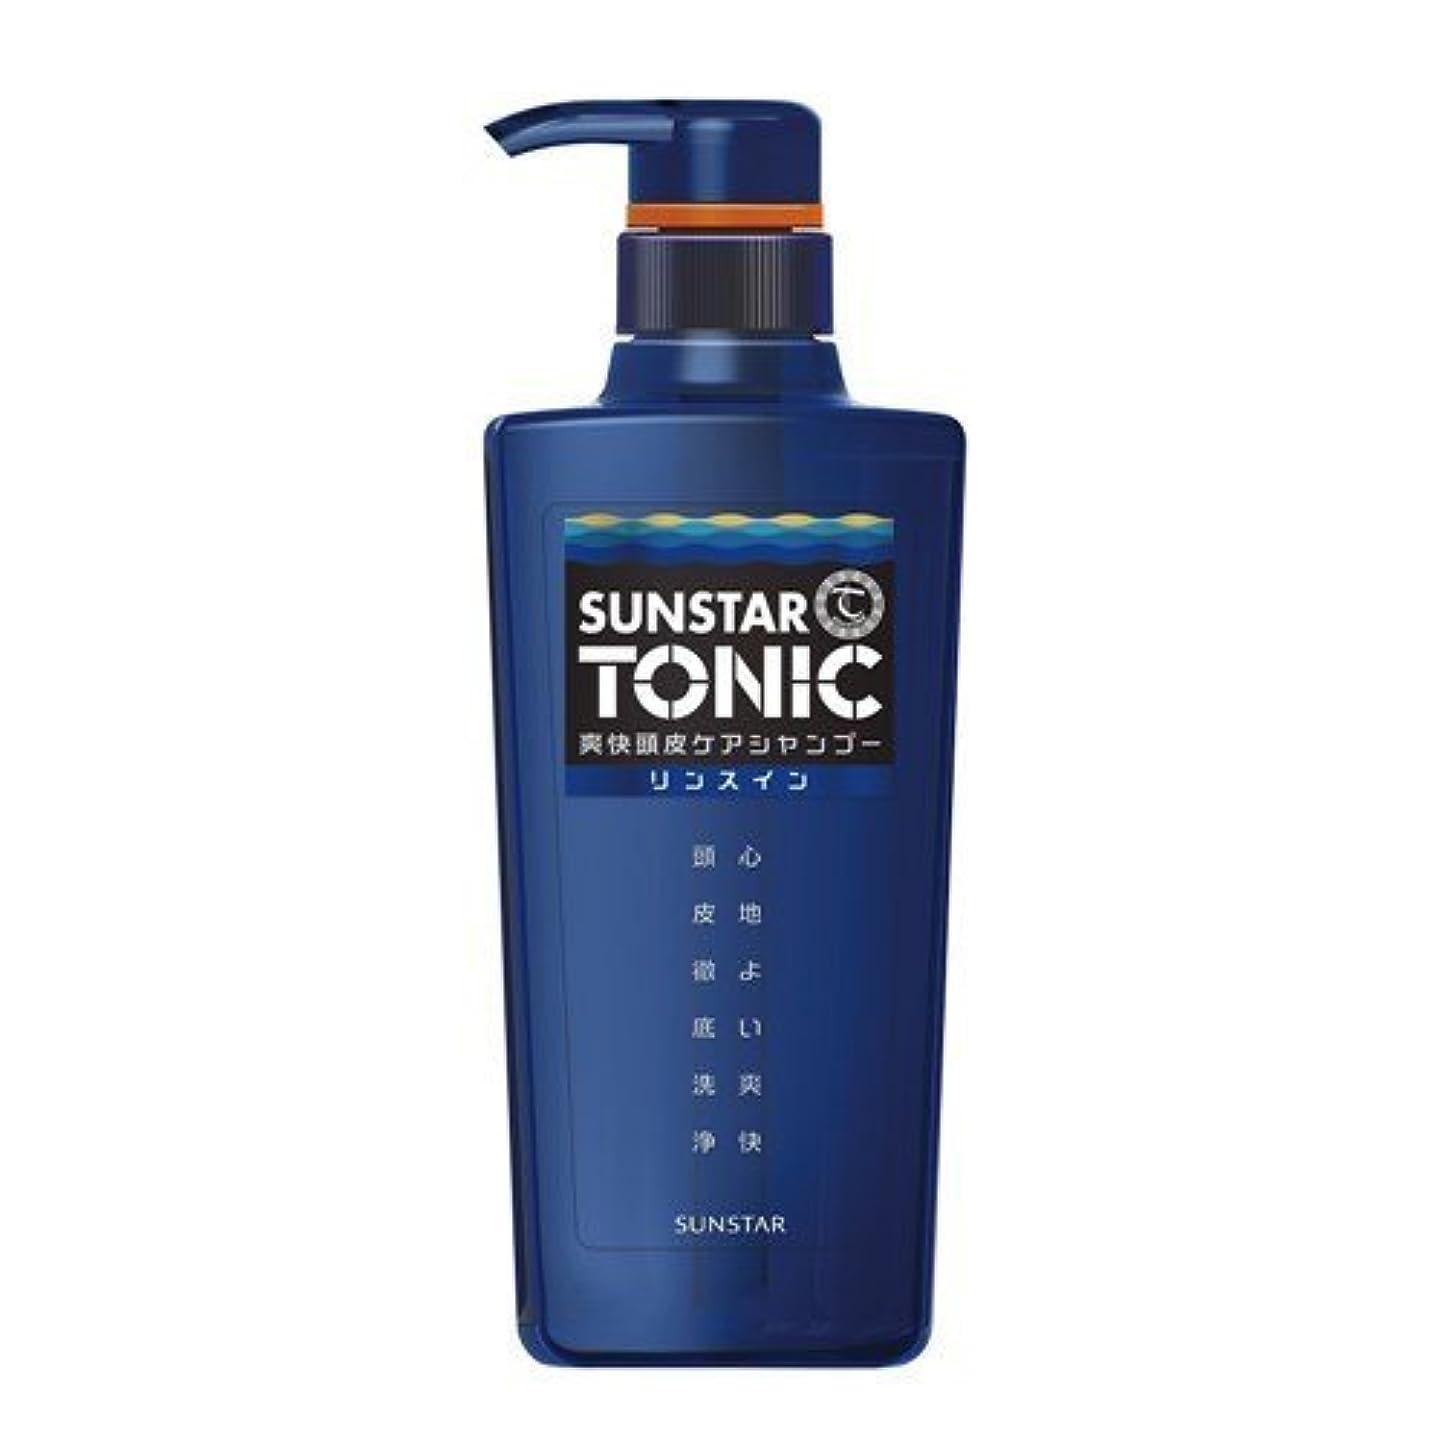 制裁保守的誘惑SUNSTAR TONIC(サンスタートニック) リンスイン 爽快頭皮ケア ノンシリコン処方 [シトラスハーブの香り] 460mL